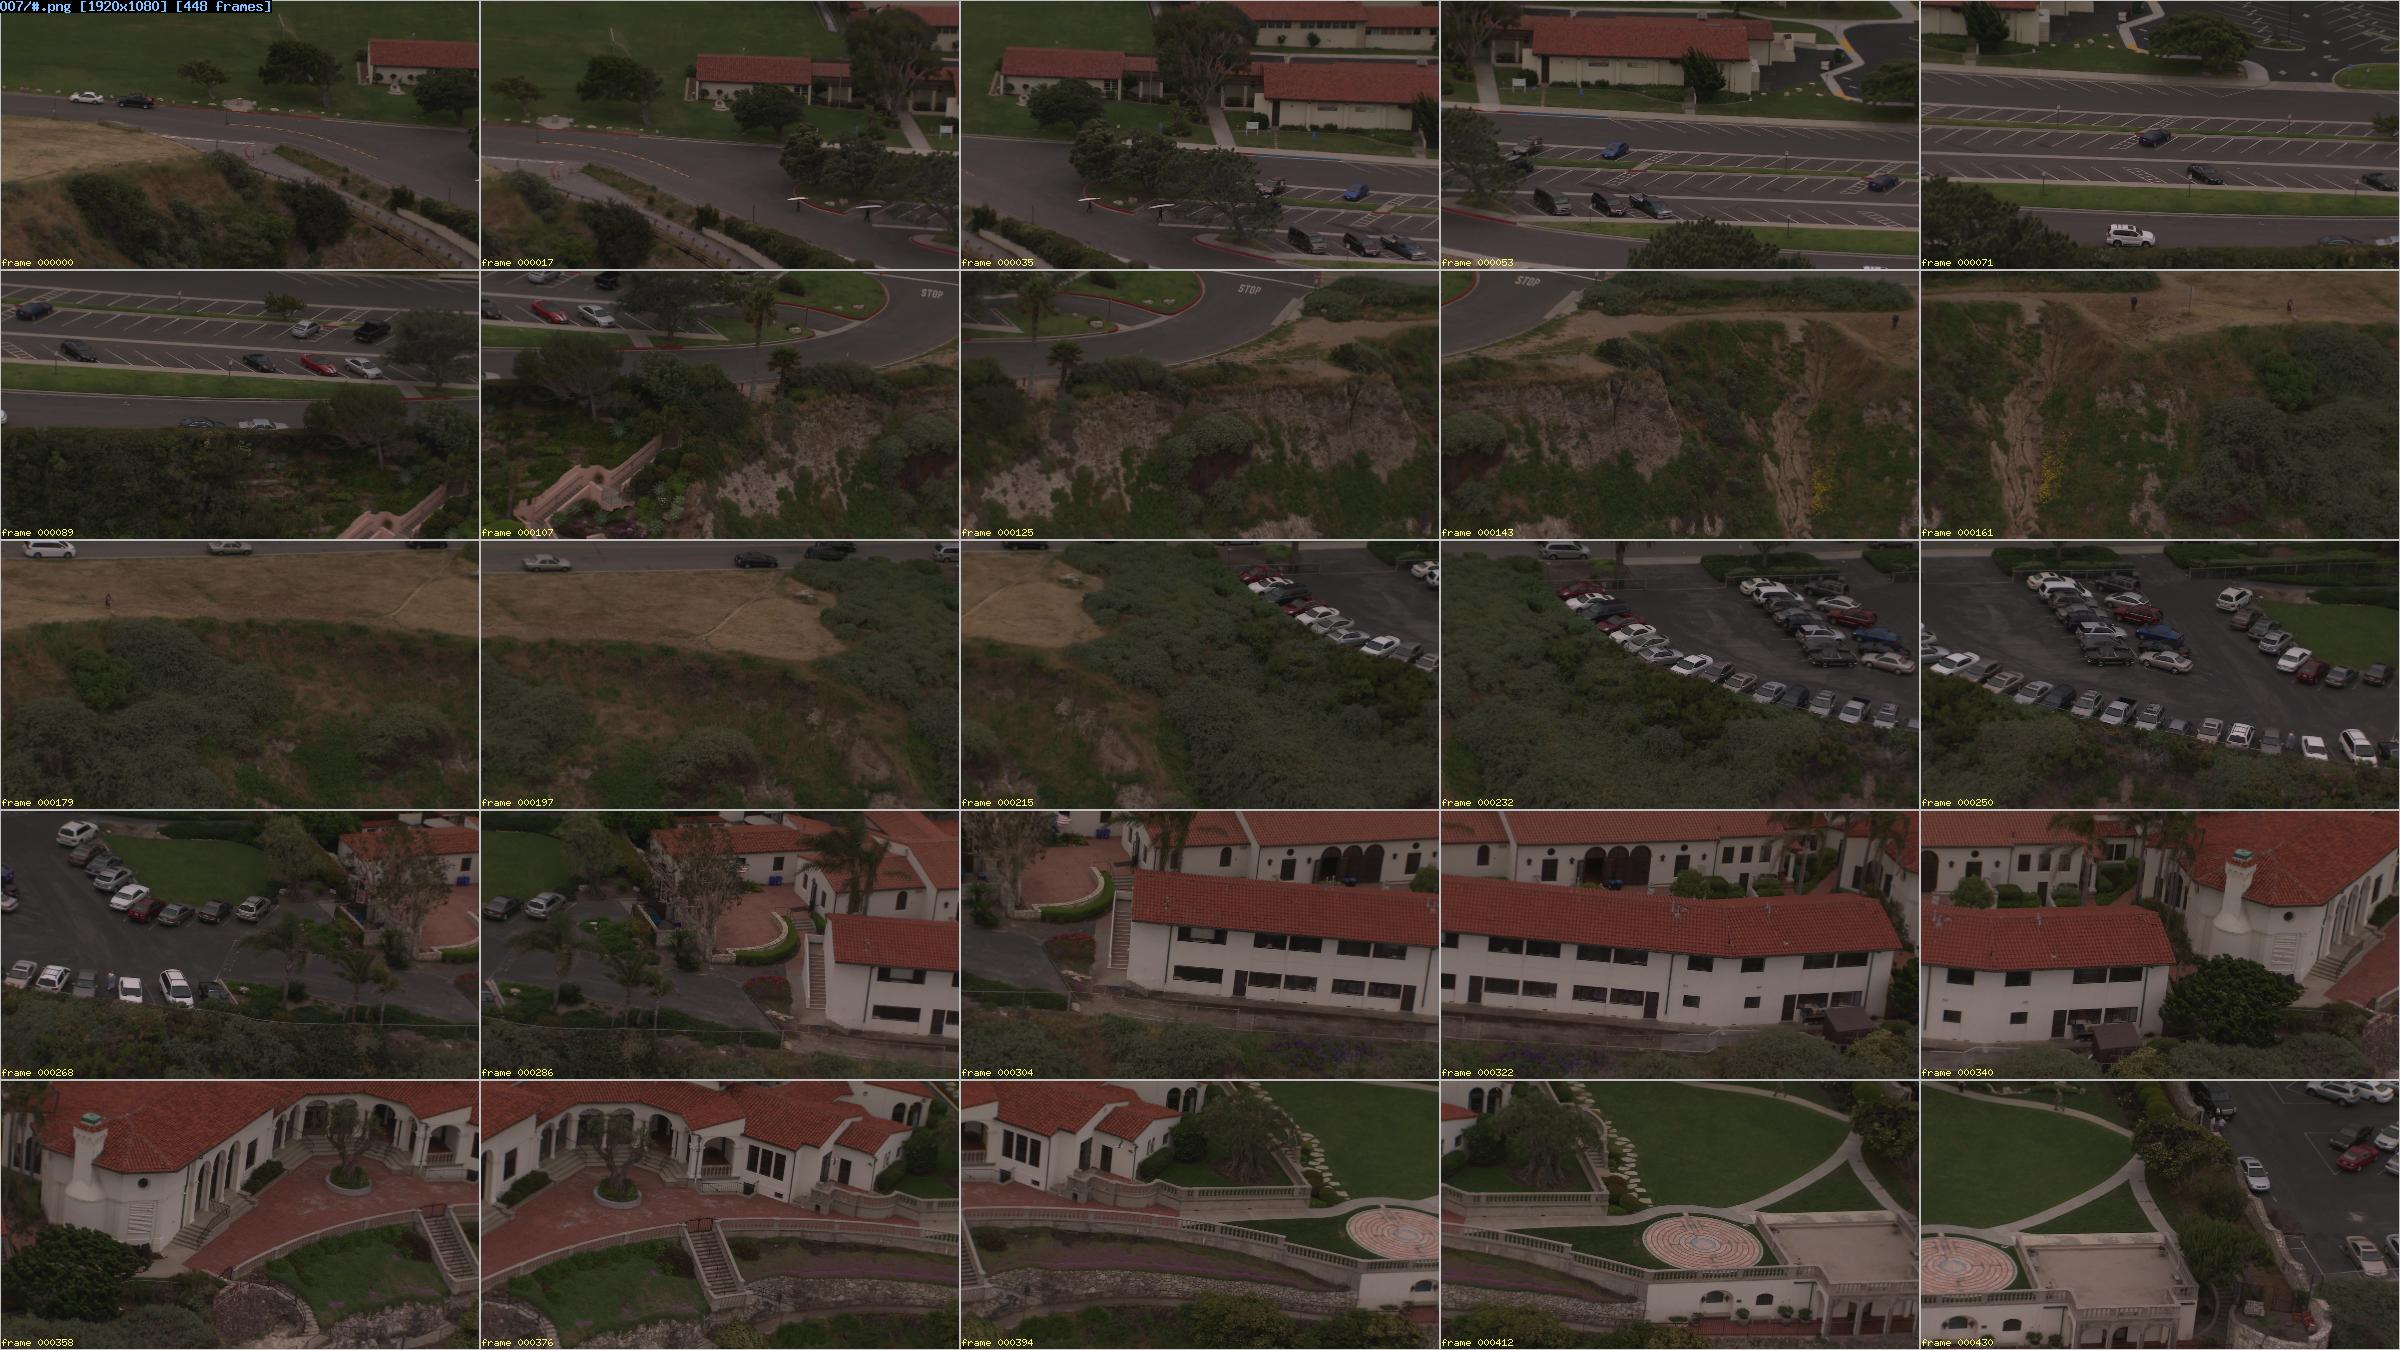 Neovision2 dataset - iLab - University of Southern California